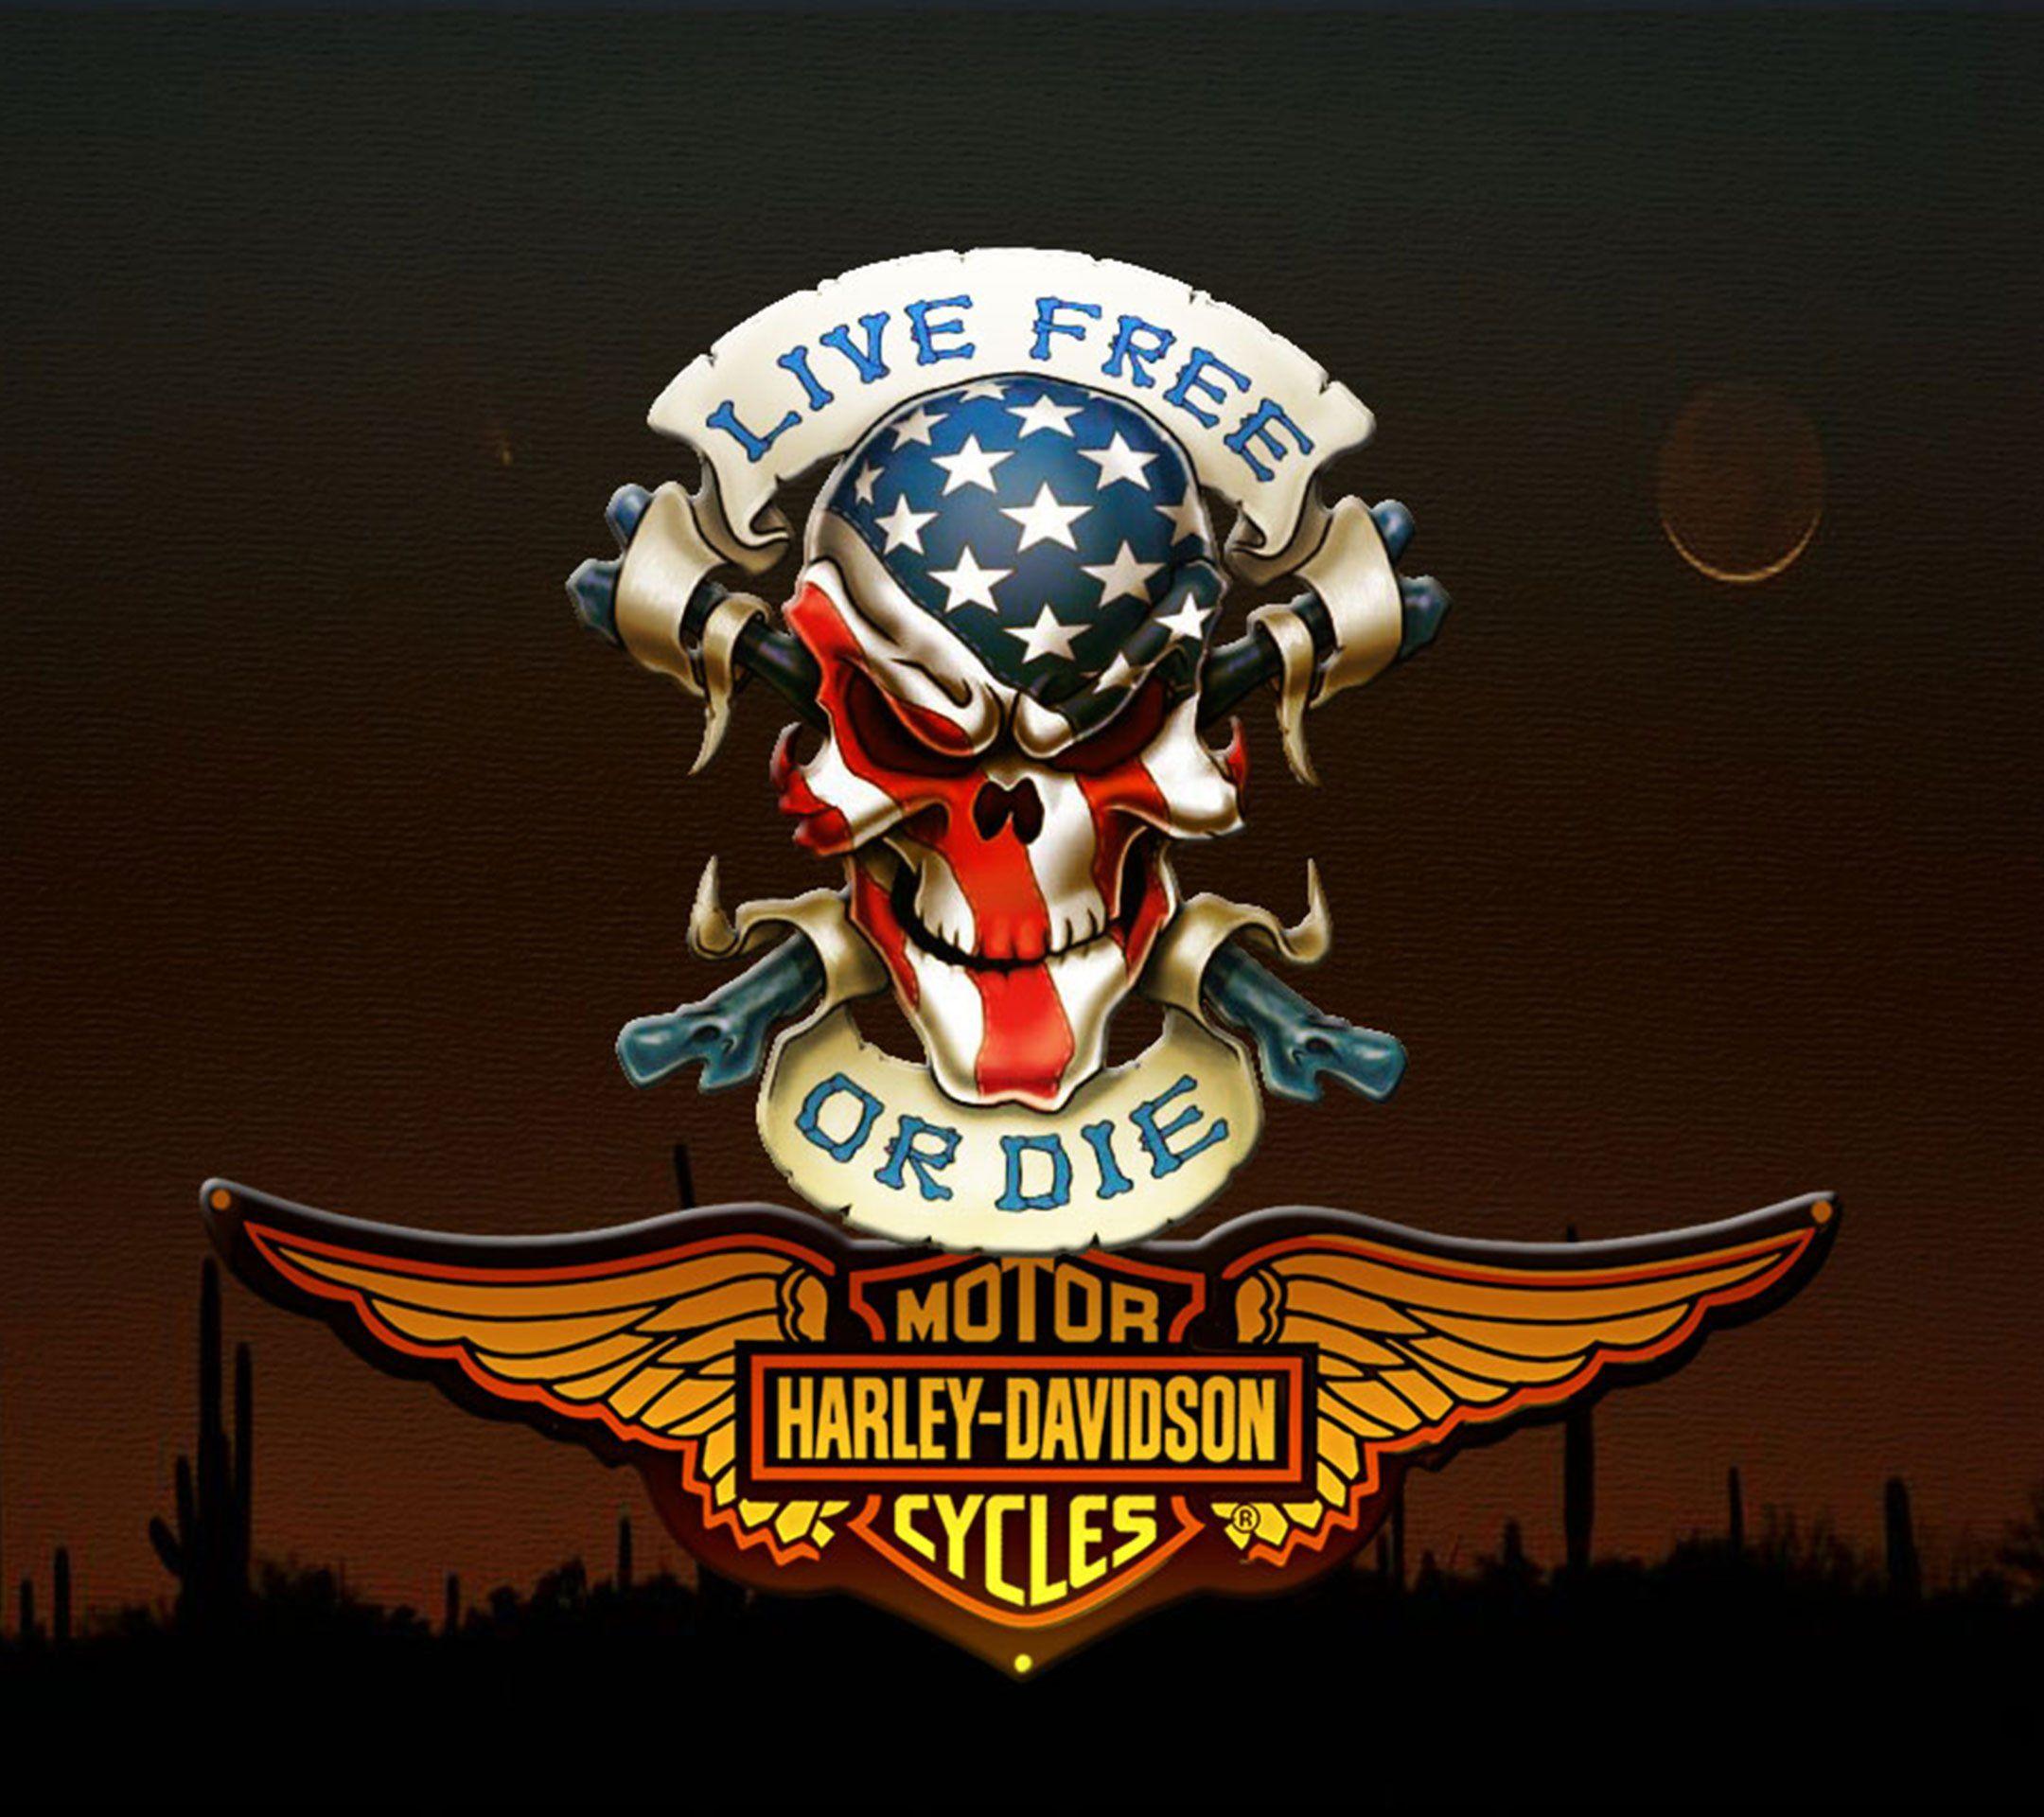 Harley Davidson Logos Wallpapers